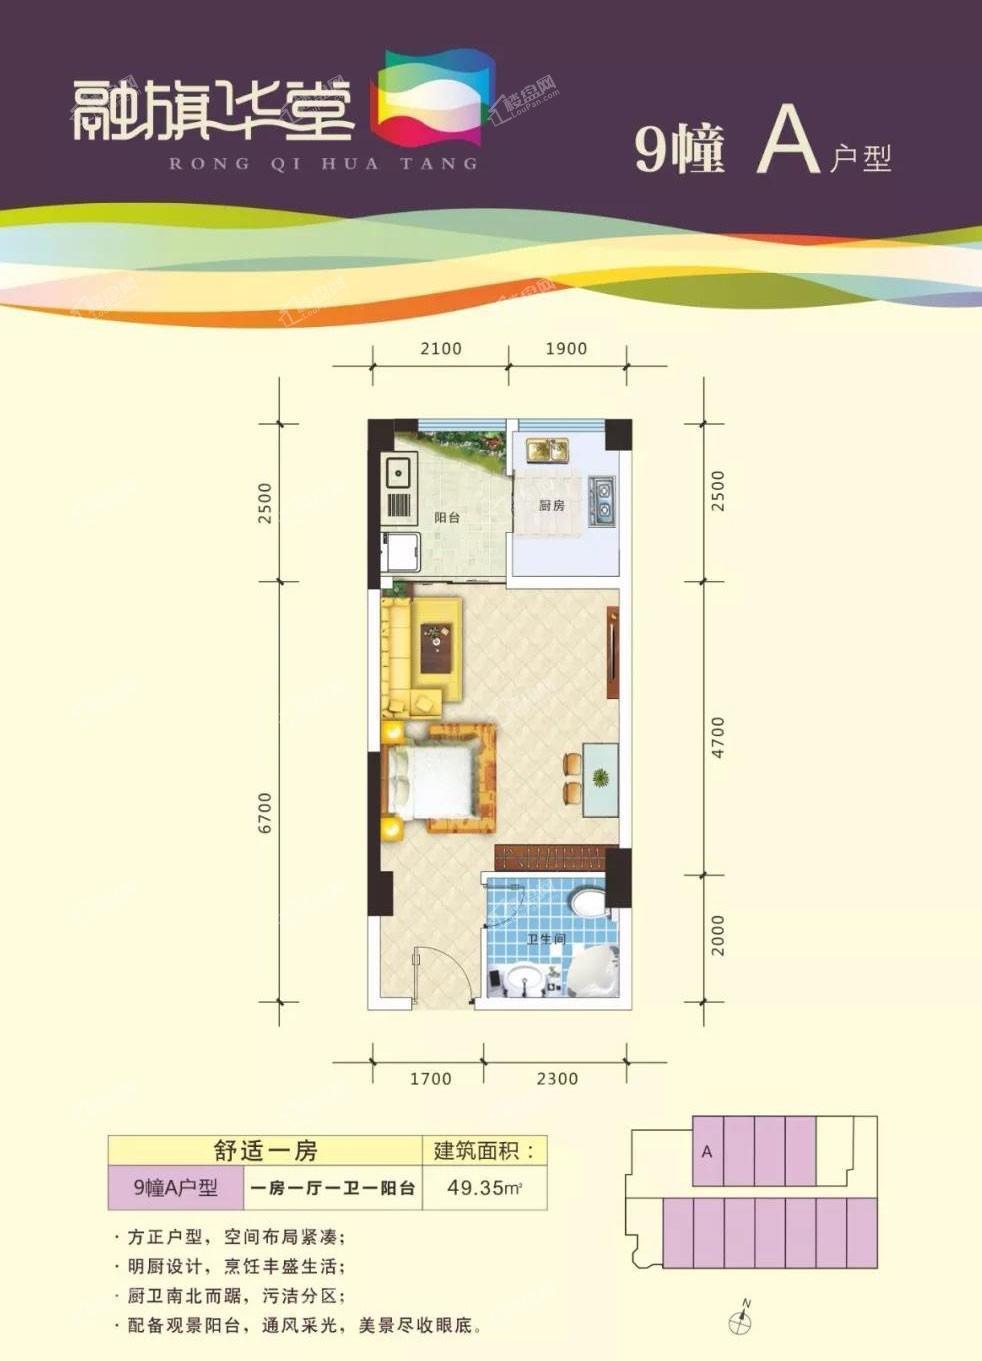 9#A户型 一房一厅一卫一阳台 49.35㎡